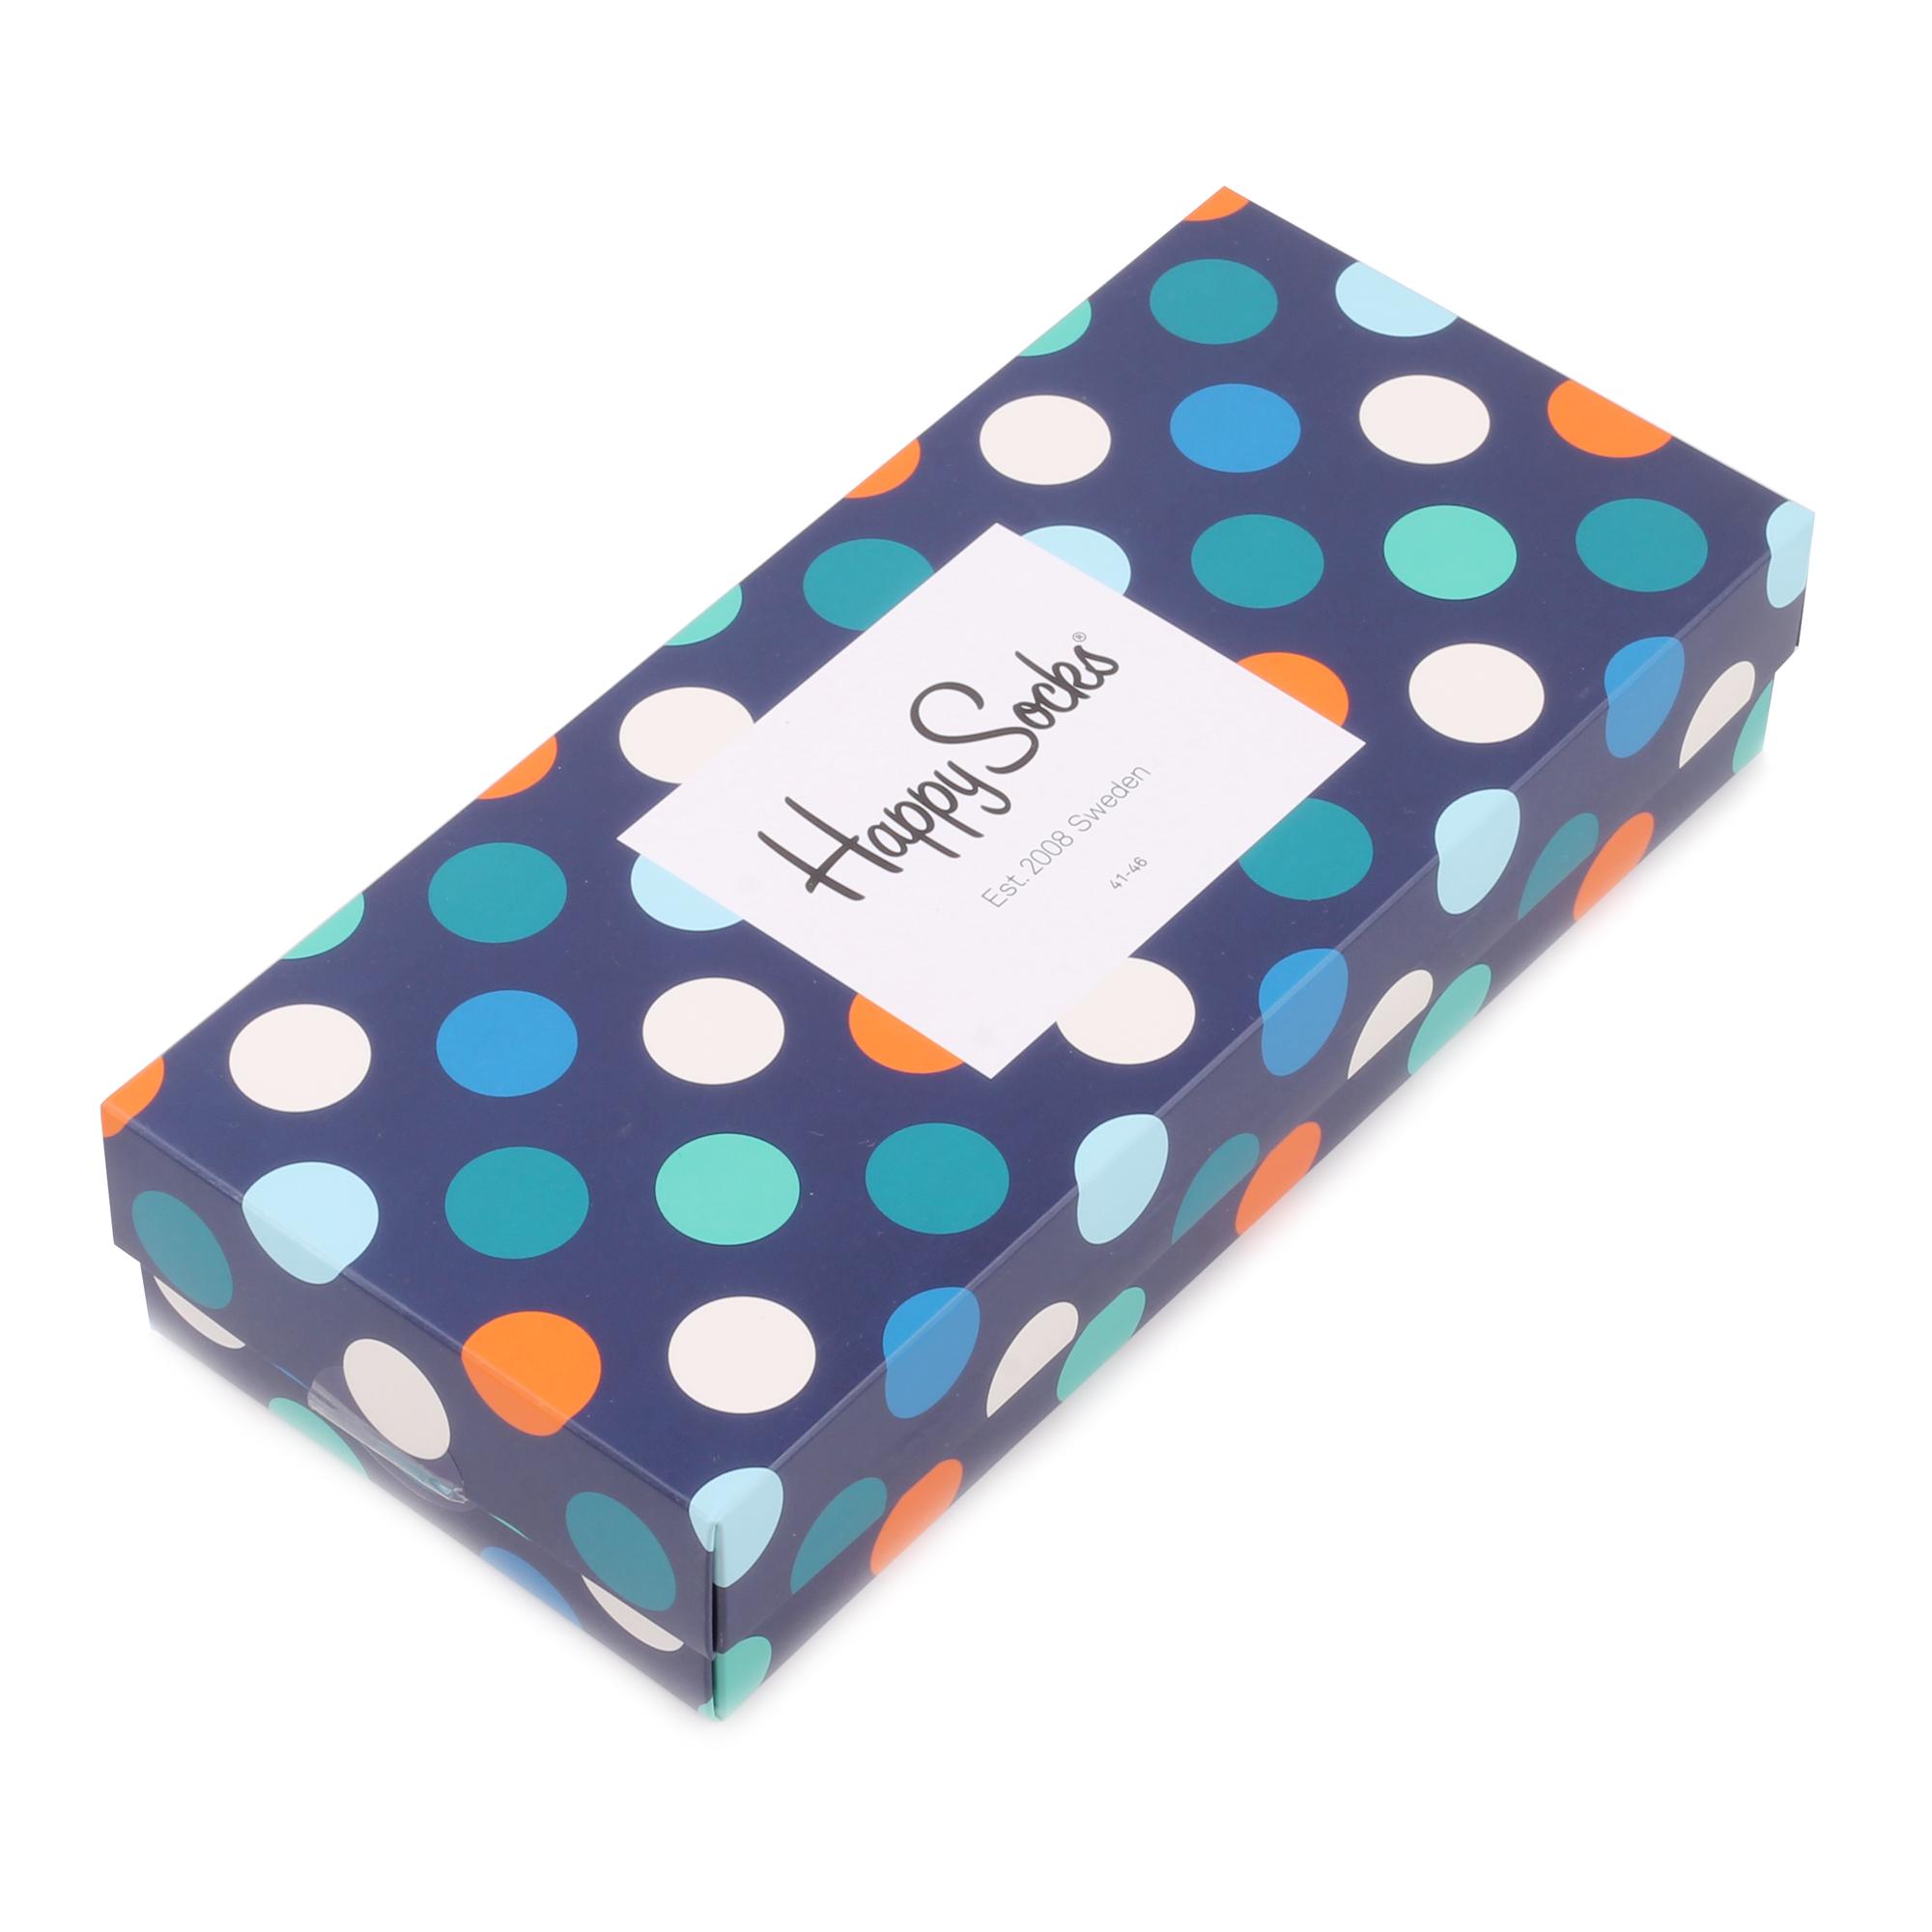 Подарочный набор носков унисекс Happy Socks Mix 4 Pair Pack разноцветный 41-46